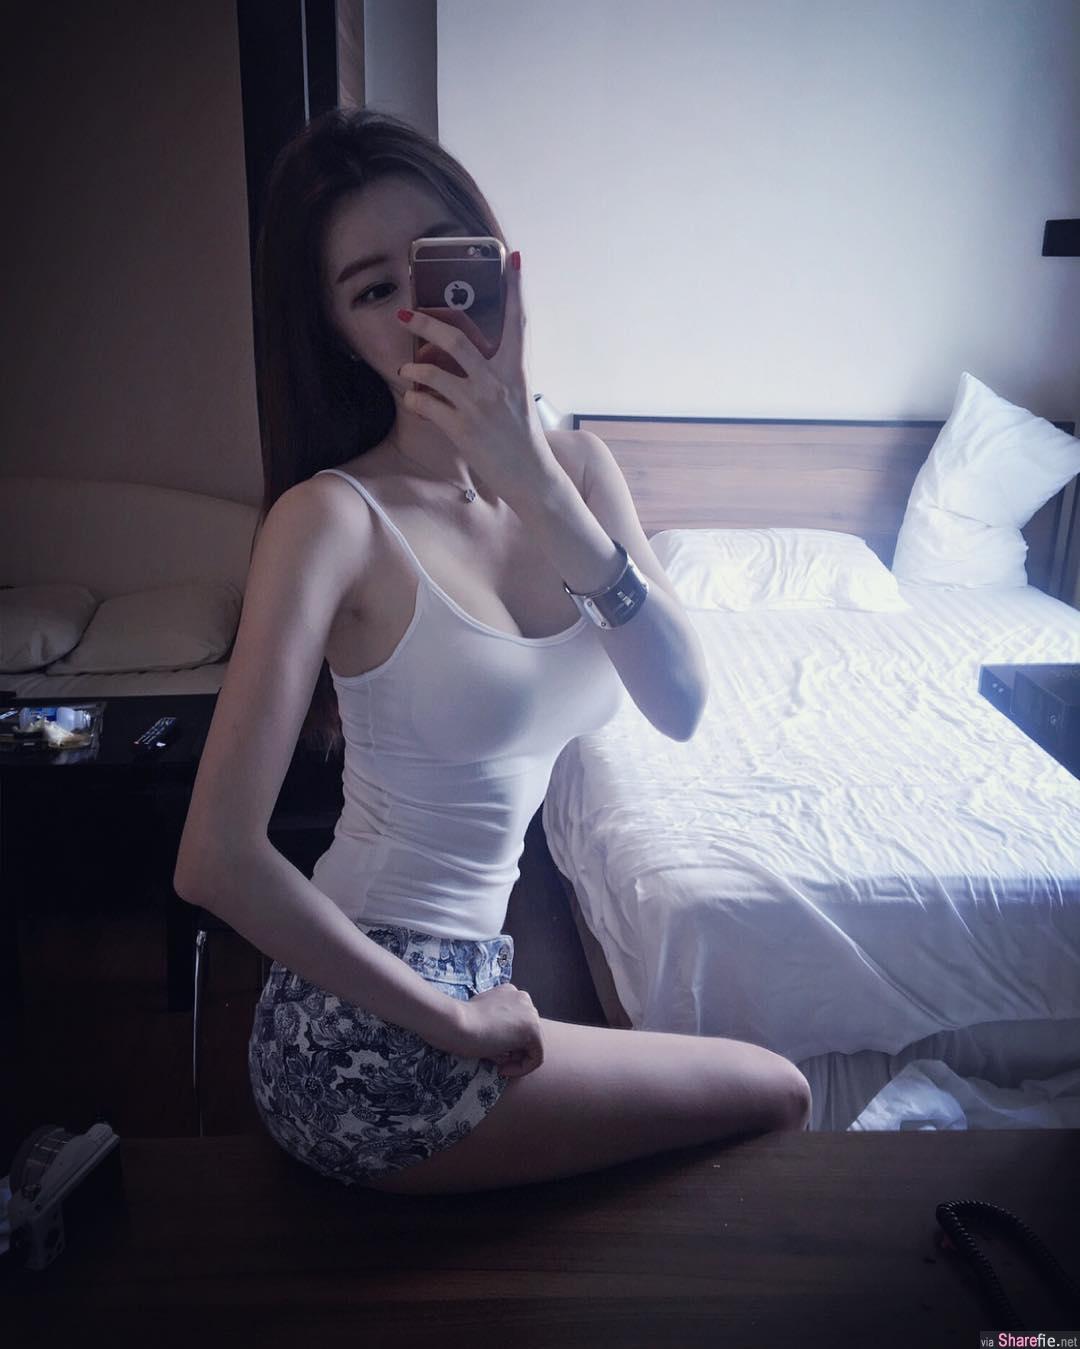 韩国自拍正妹 巨乳瘦腰长腿 完美S曲线